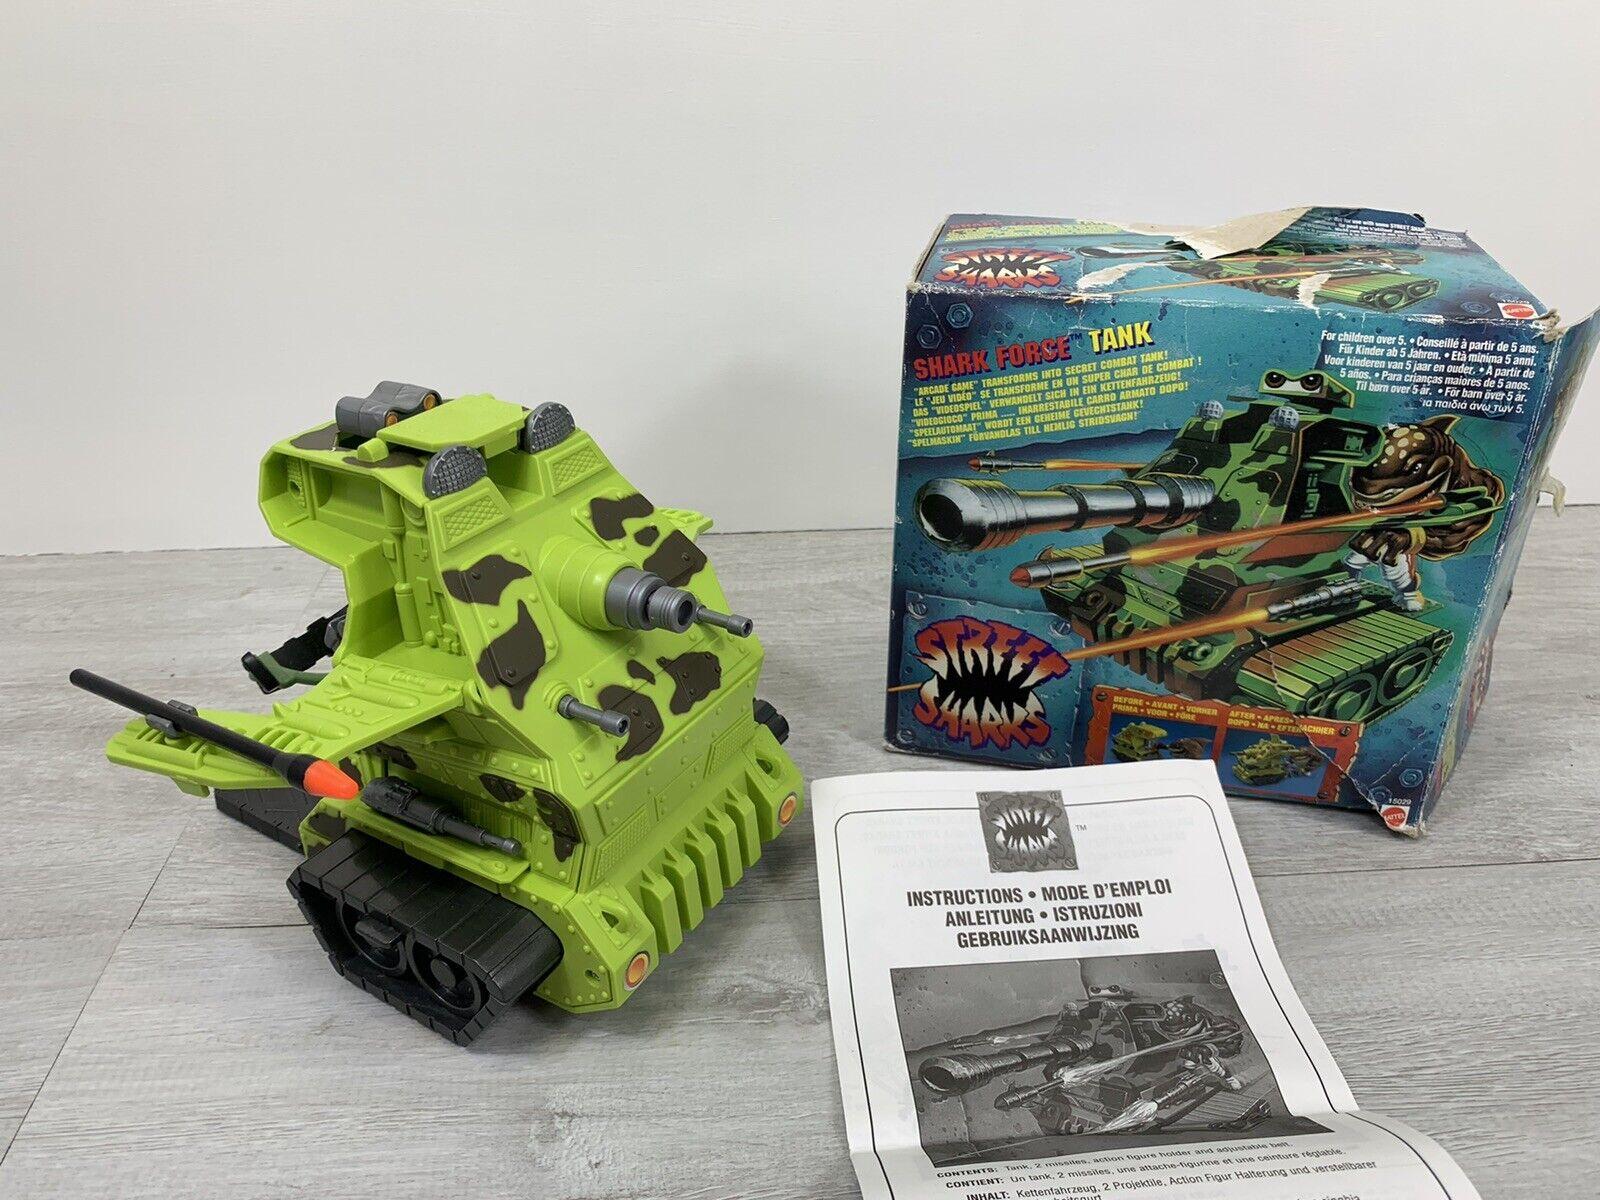 STREET SQUALI SHARK forza serbatoio con scatola e istruzioni Mattel 1995 in buonissima condizione